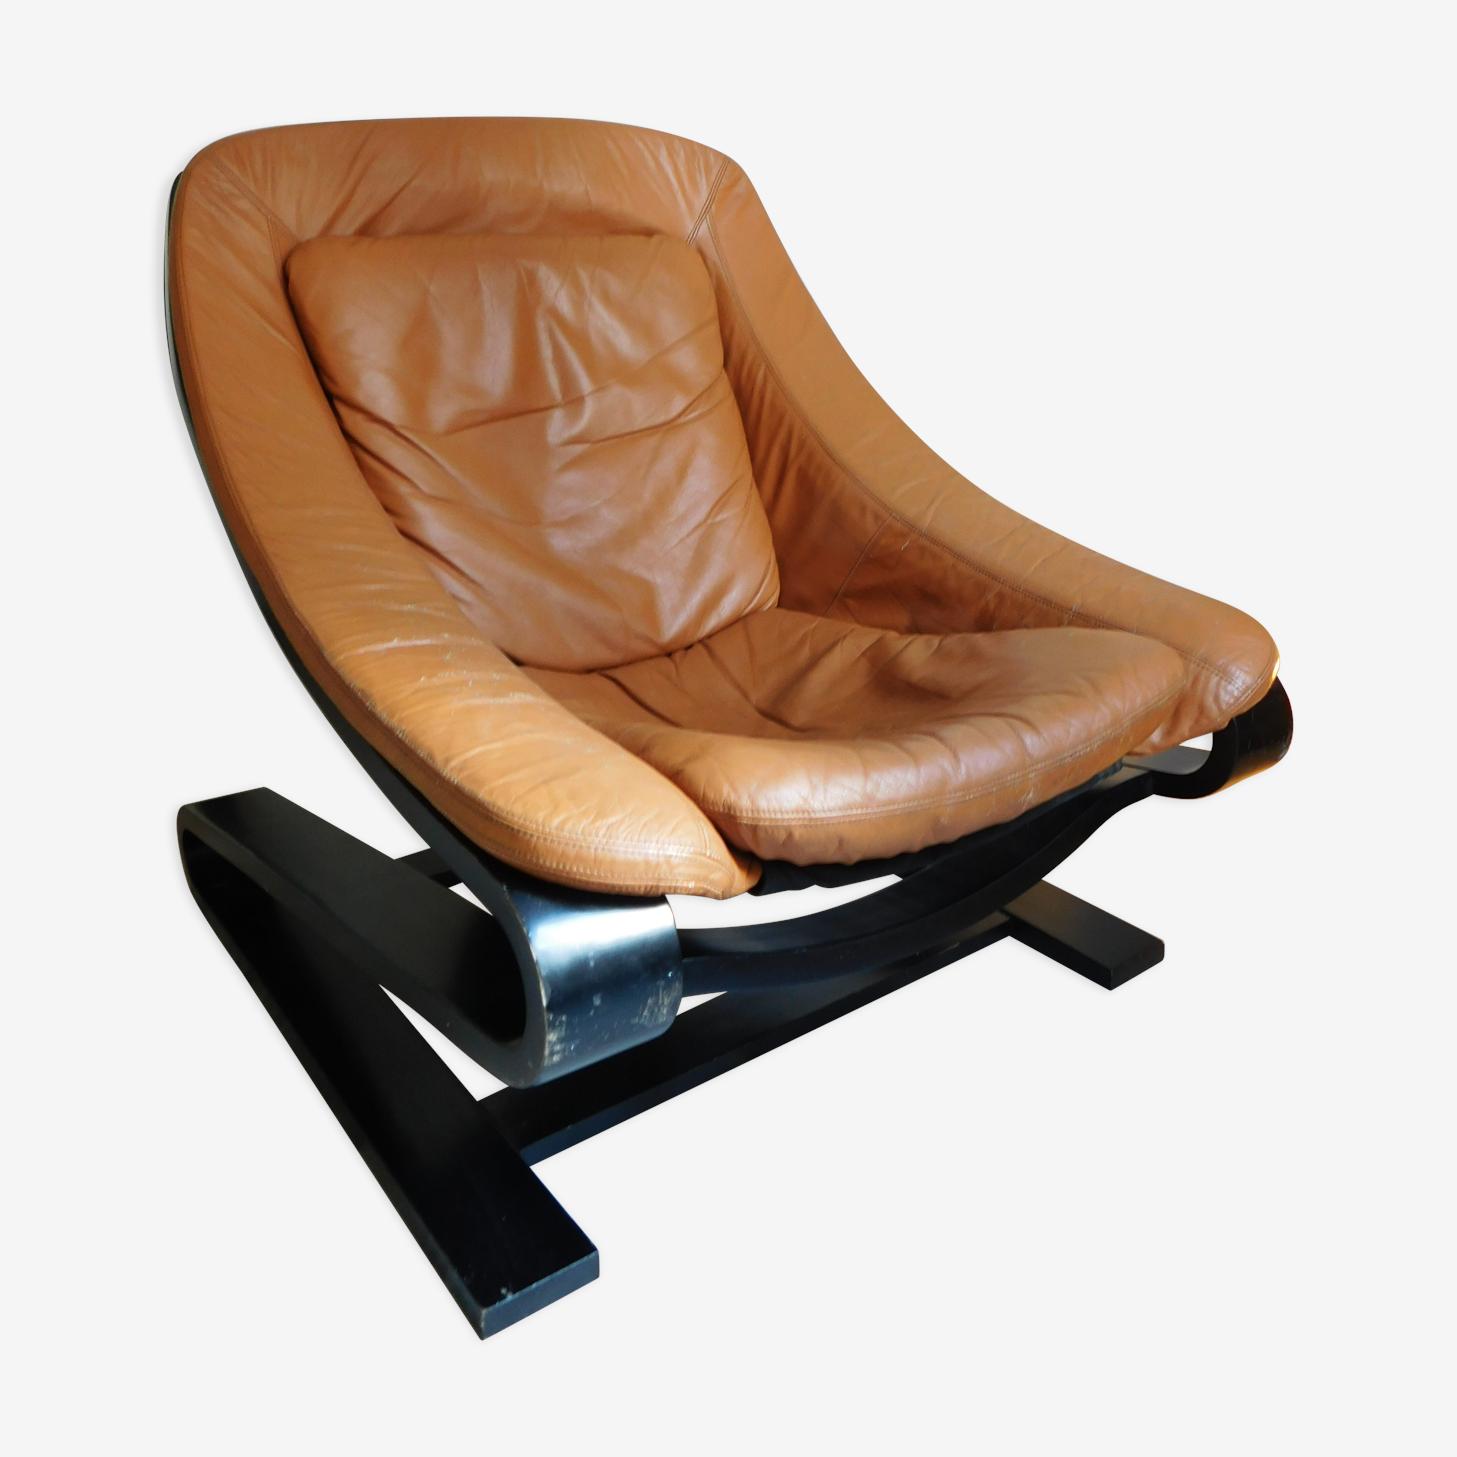 Fauteuil scandinave cuir fauve et bois courbé cuir marron